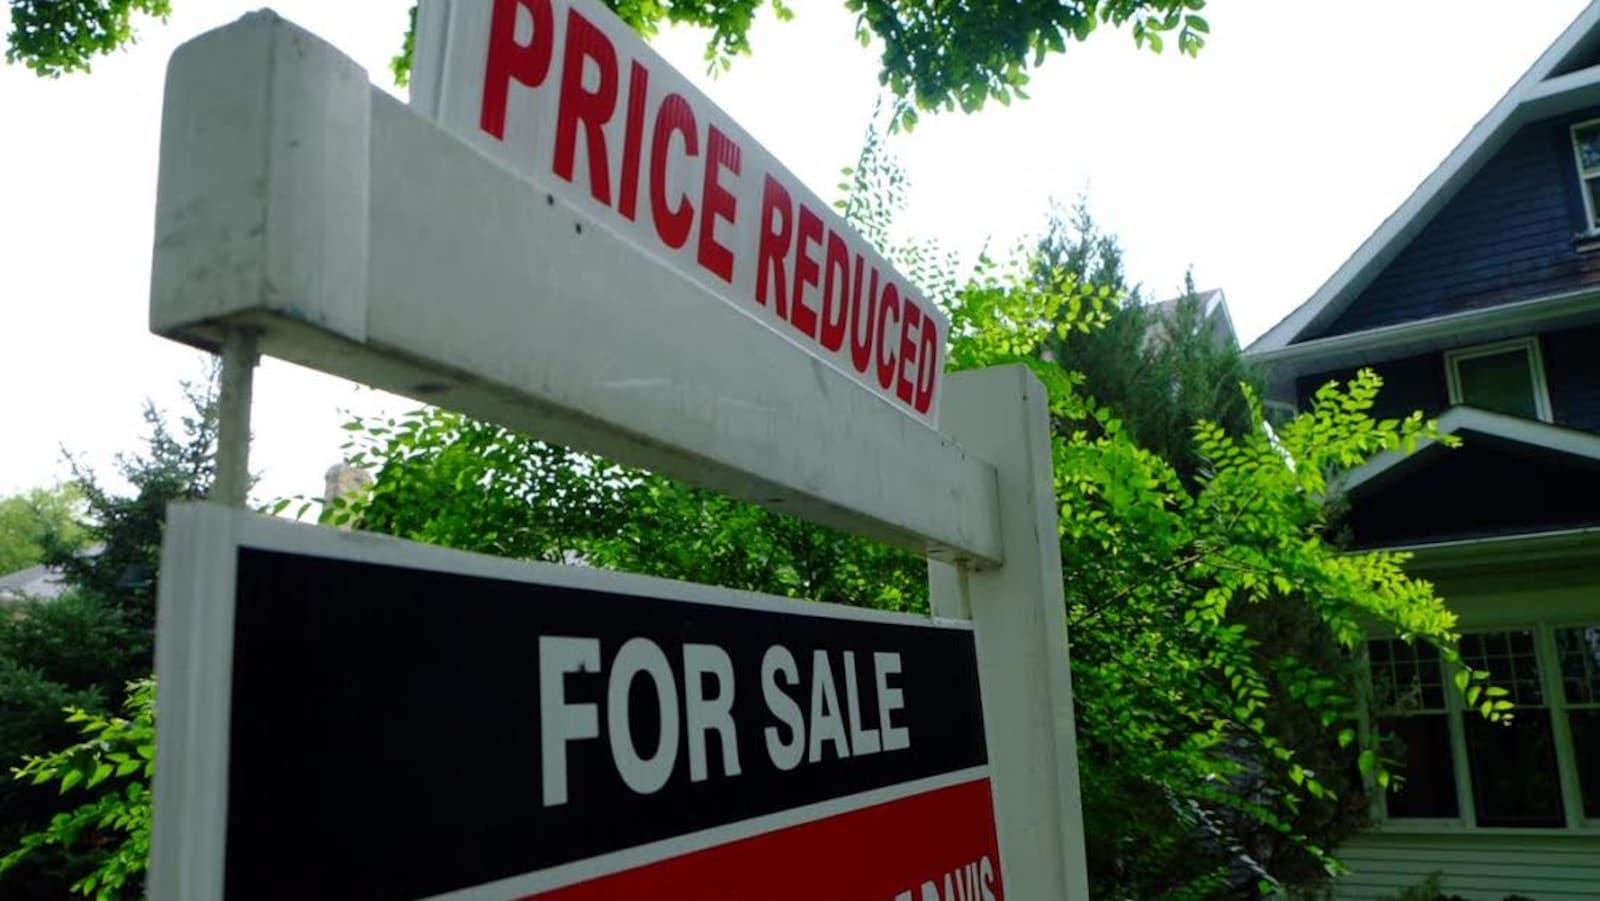 Maison avec en gros plan la pancarte annonçant sa vente